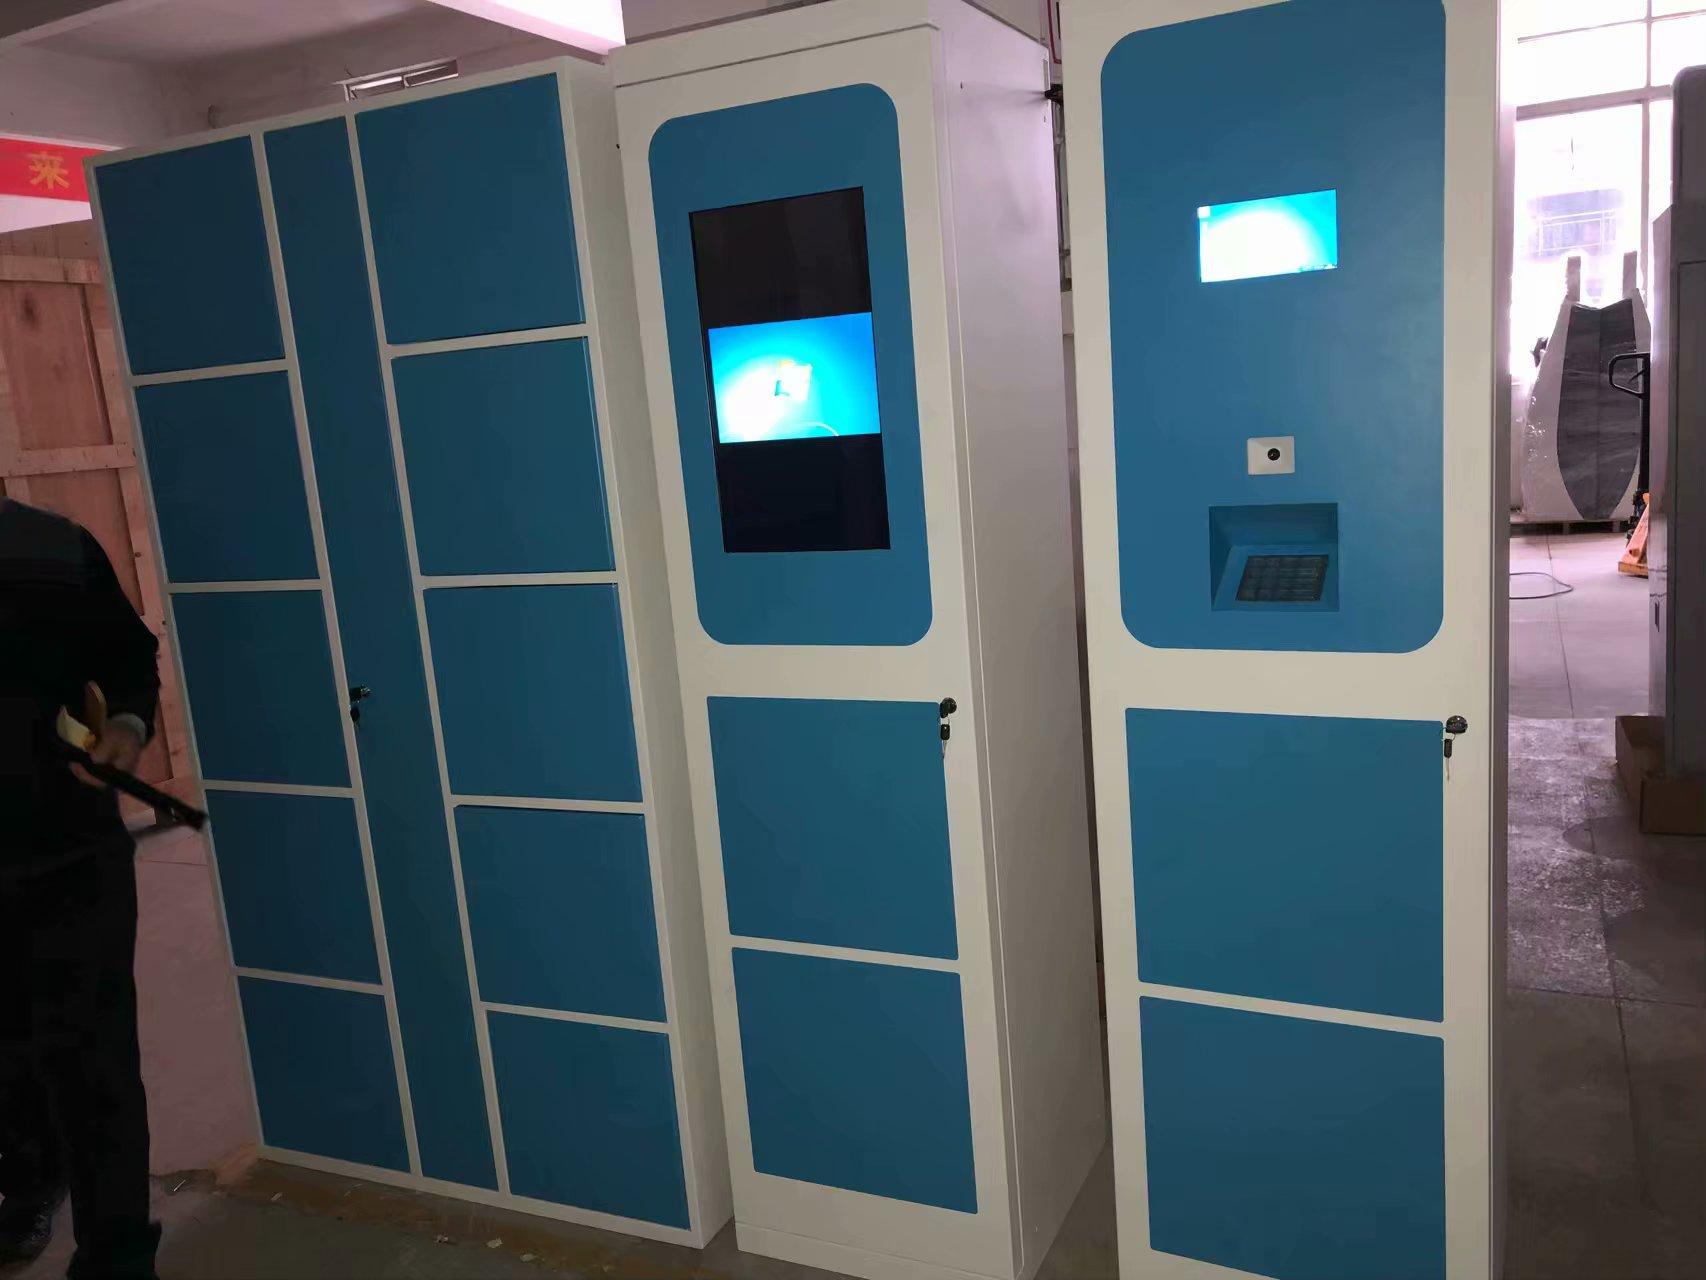 智能寄存柜厂家 智能电子寄存柜(可定制 智能寄存柜